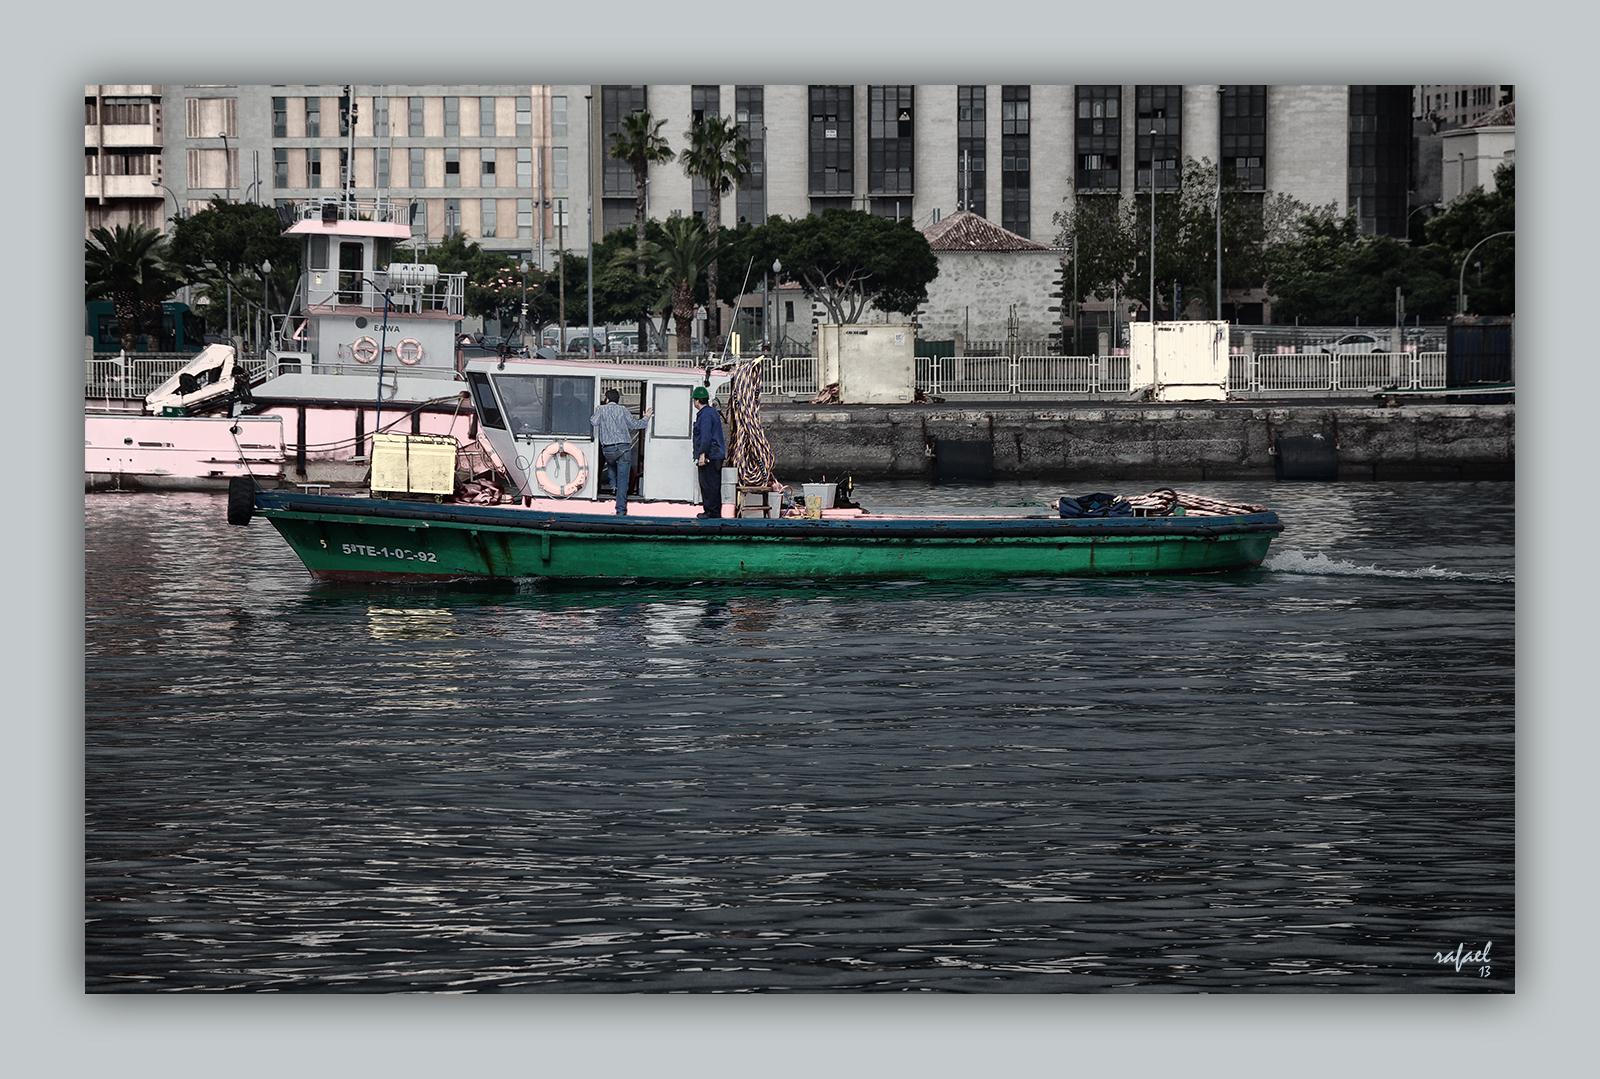 La barca verde